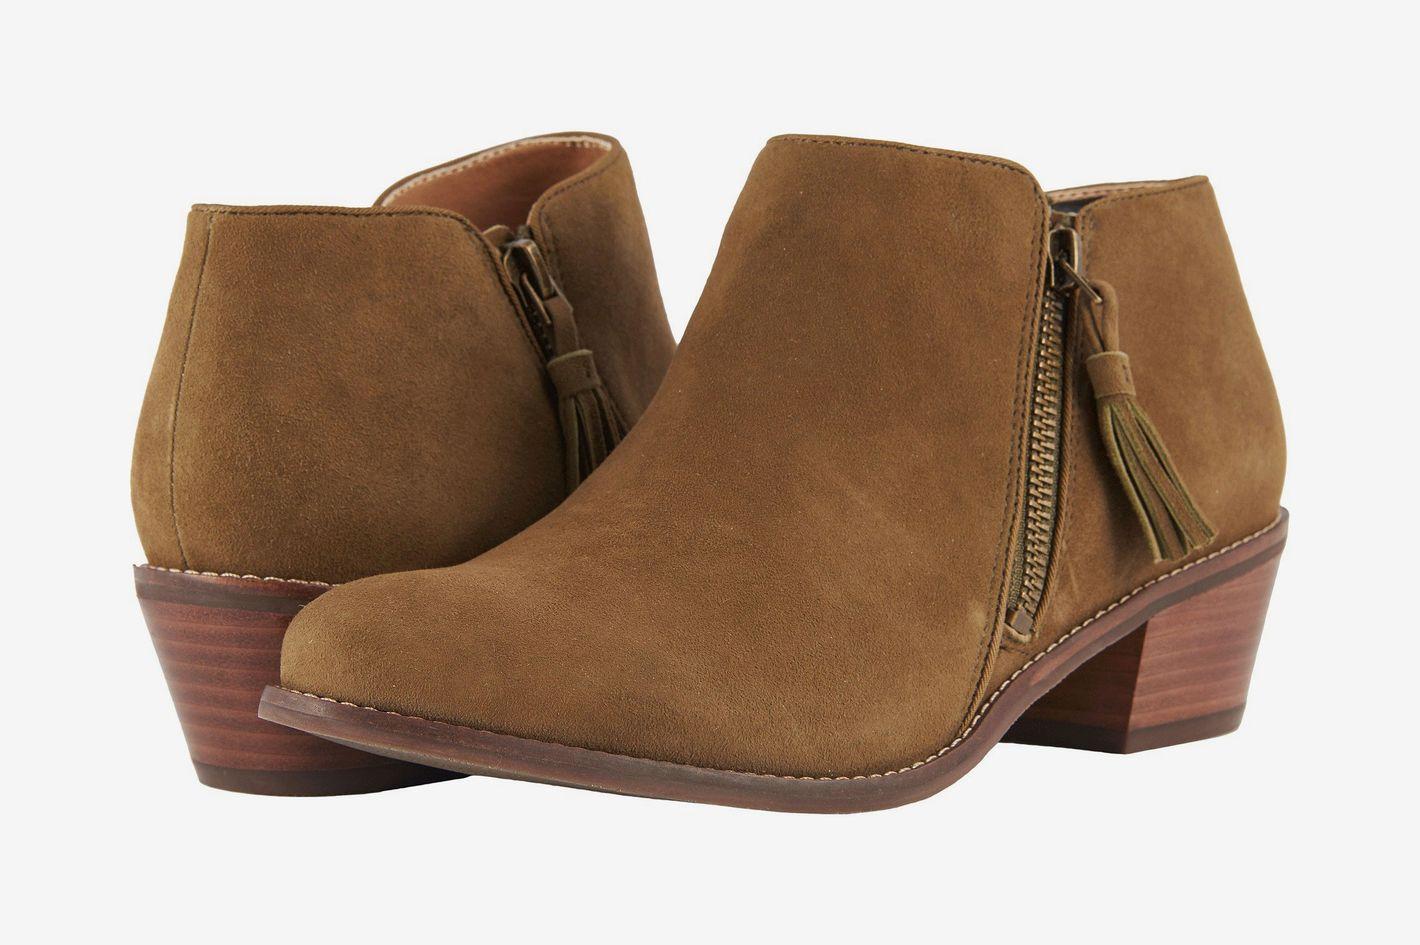 c335848f08 The best heeled orthopedic boots. Vionic Serena